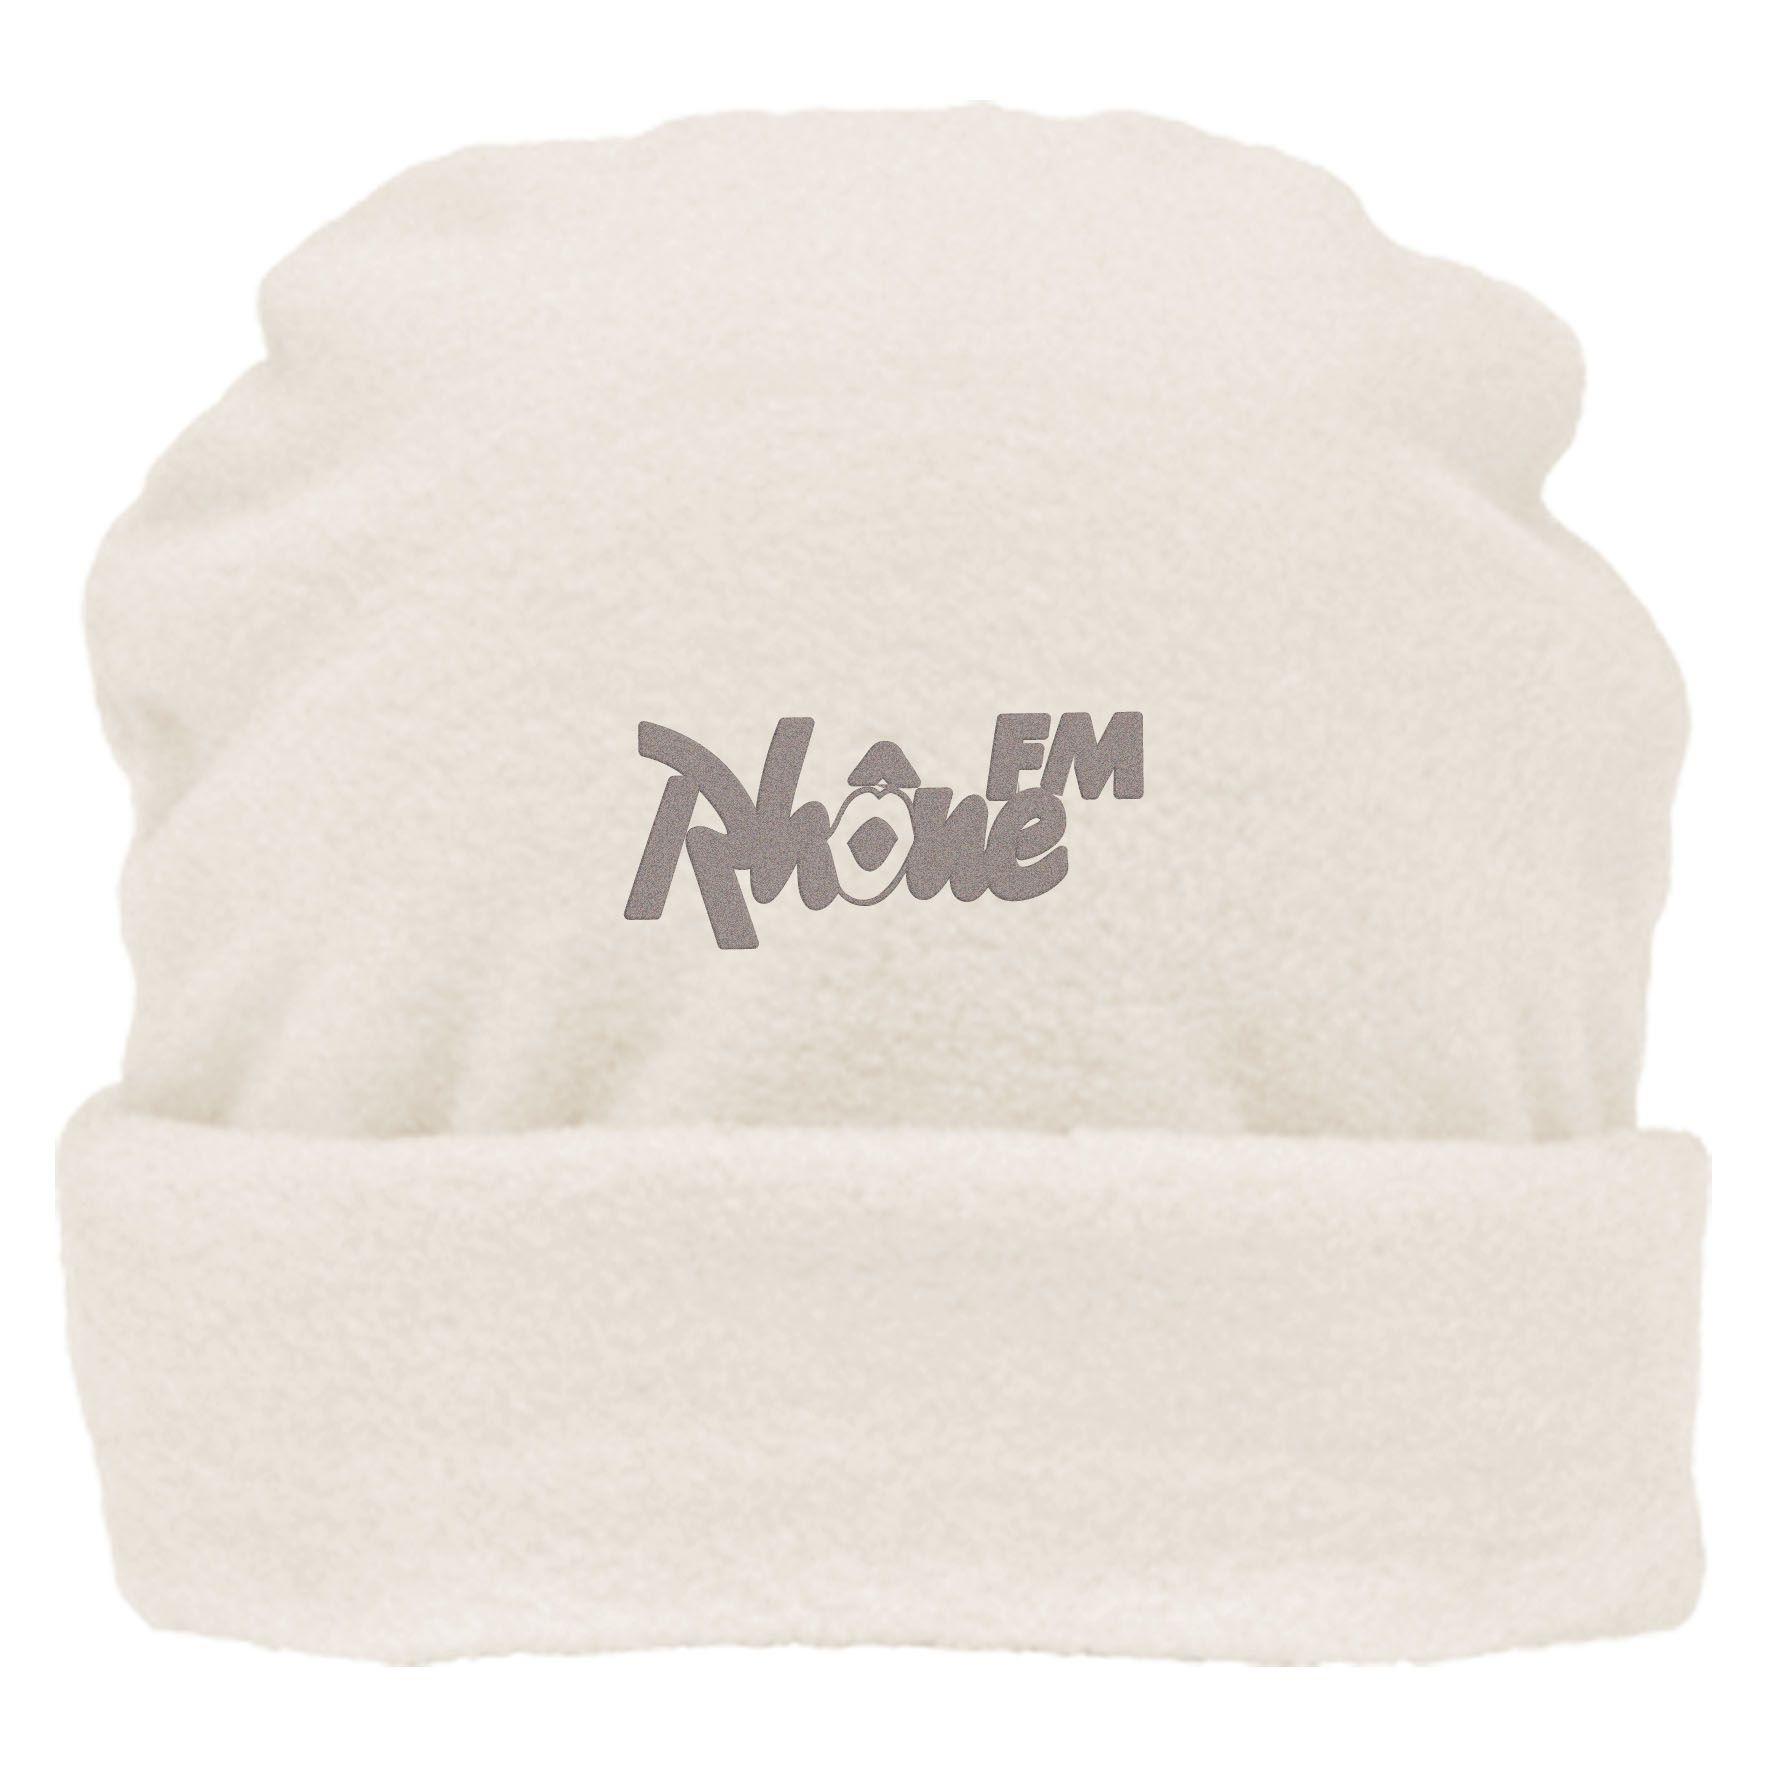 Bonnet publicitaire polaire M - Cadeau publicitaire hiver